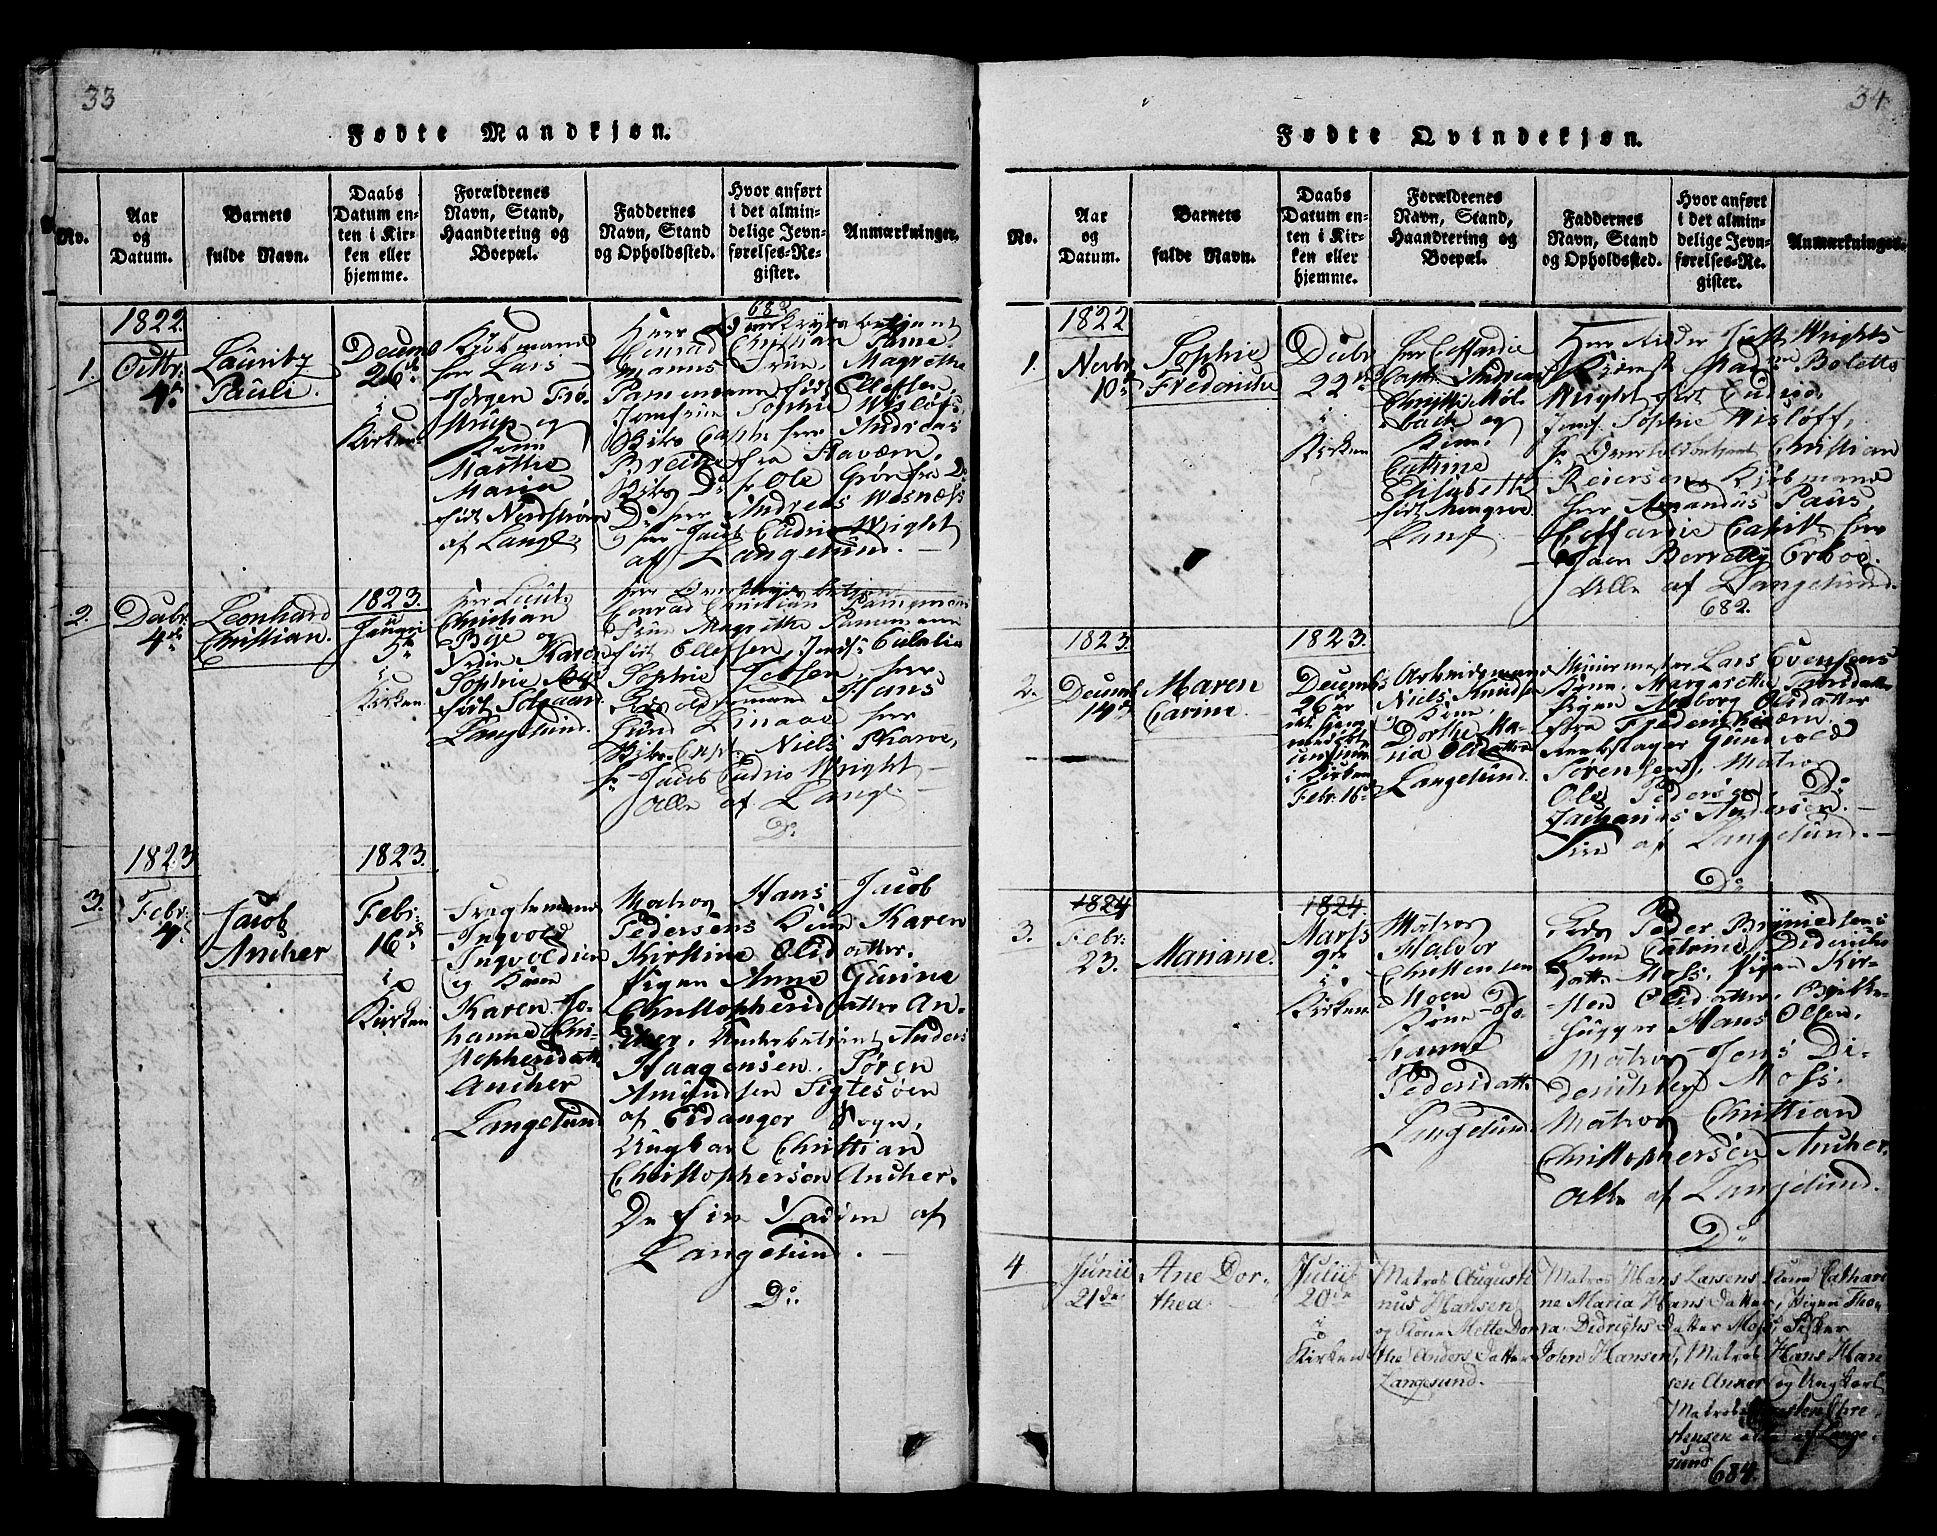 SAKO, Langesund kirkebøker, G/Ga/L0003: Klokkerbok nr. 3, 1815-1858, s. 33-34